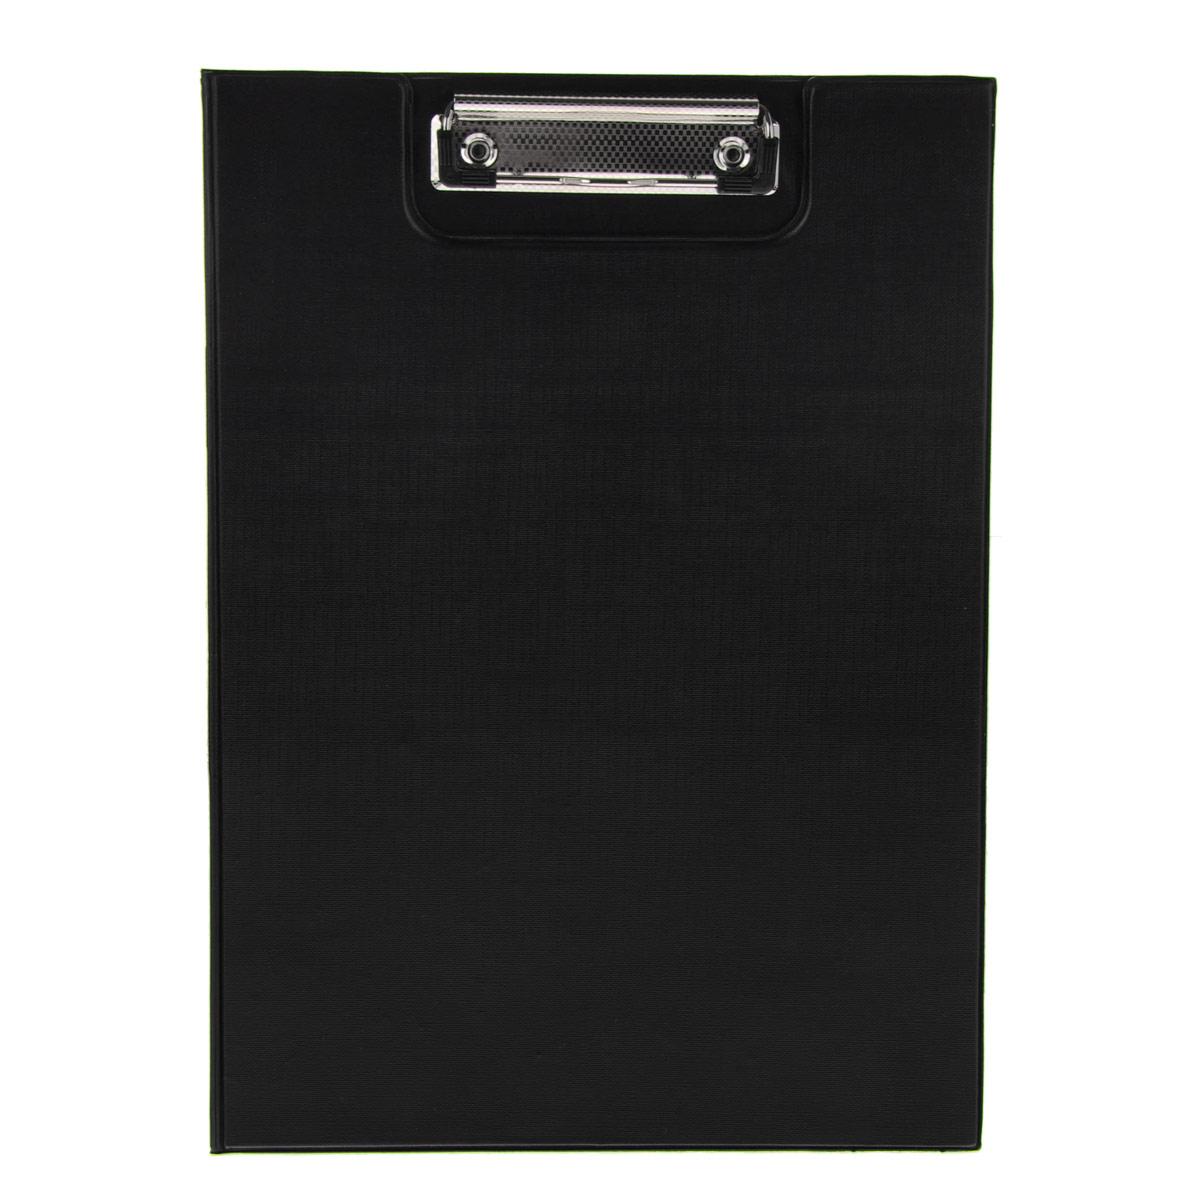 Папка-планшет Centrum, с крышкой, цвет: черный. Формат А4C13S041944Папка-планшет (клипборд) Centrum - это удобный и практичный инструмент для работы с документацией.Клипборд изготовлен из жесткого картона, обтянутого пленкой из ПВХ. Благодаря своей жесткости папка-планшет позволяет делать записи навесу. Металлический зажим надежно фиксирует листы, предотвращая сползание бумаги. Широкая крышка обеспечивает сохранность документов и защищает их от пыли и влаги.Папка-планшет будет незаменима для работы с документацией в дороге или на складе, а также может быть использована для подготовки и хранения текстов выступлений или докладов.